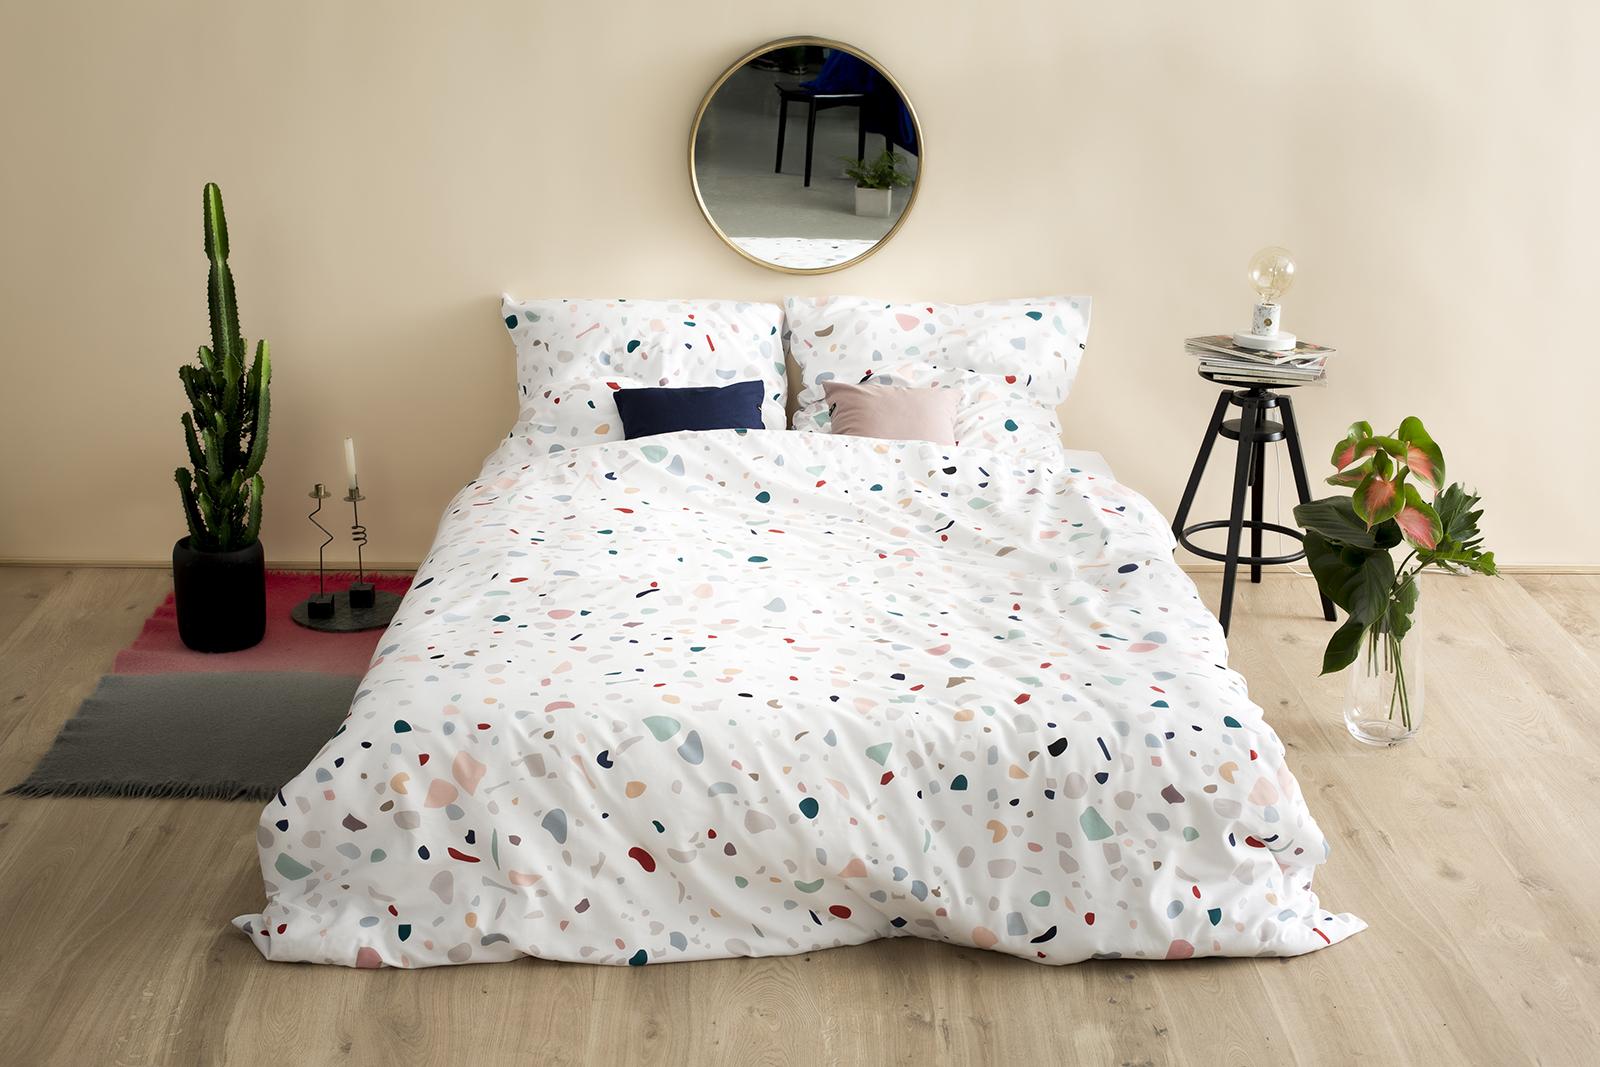 da bist du ja wieder terrazzo lange nicht gesehen hipster home. Black Bedroom Furniture Sets. Home Design Ideas